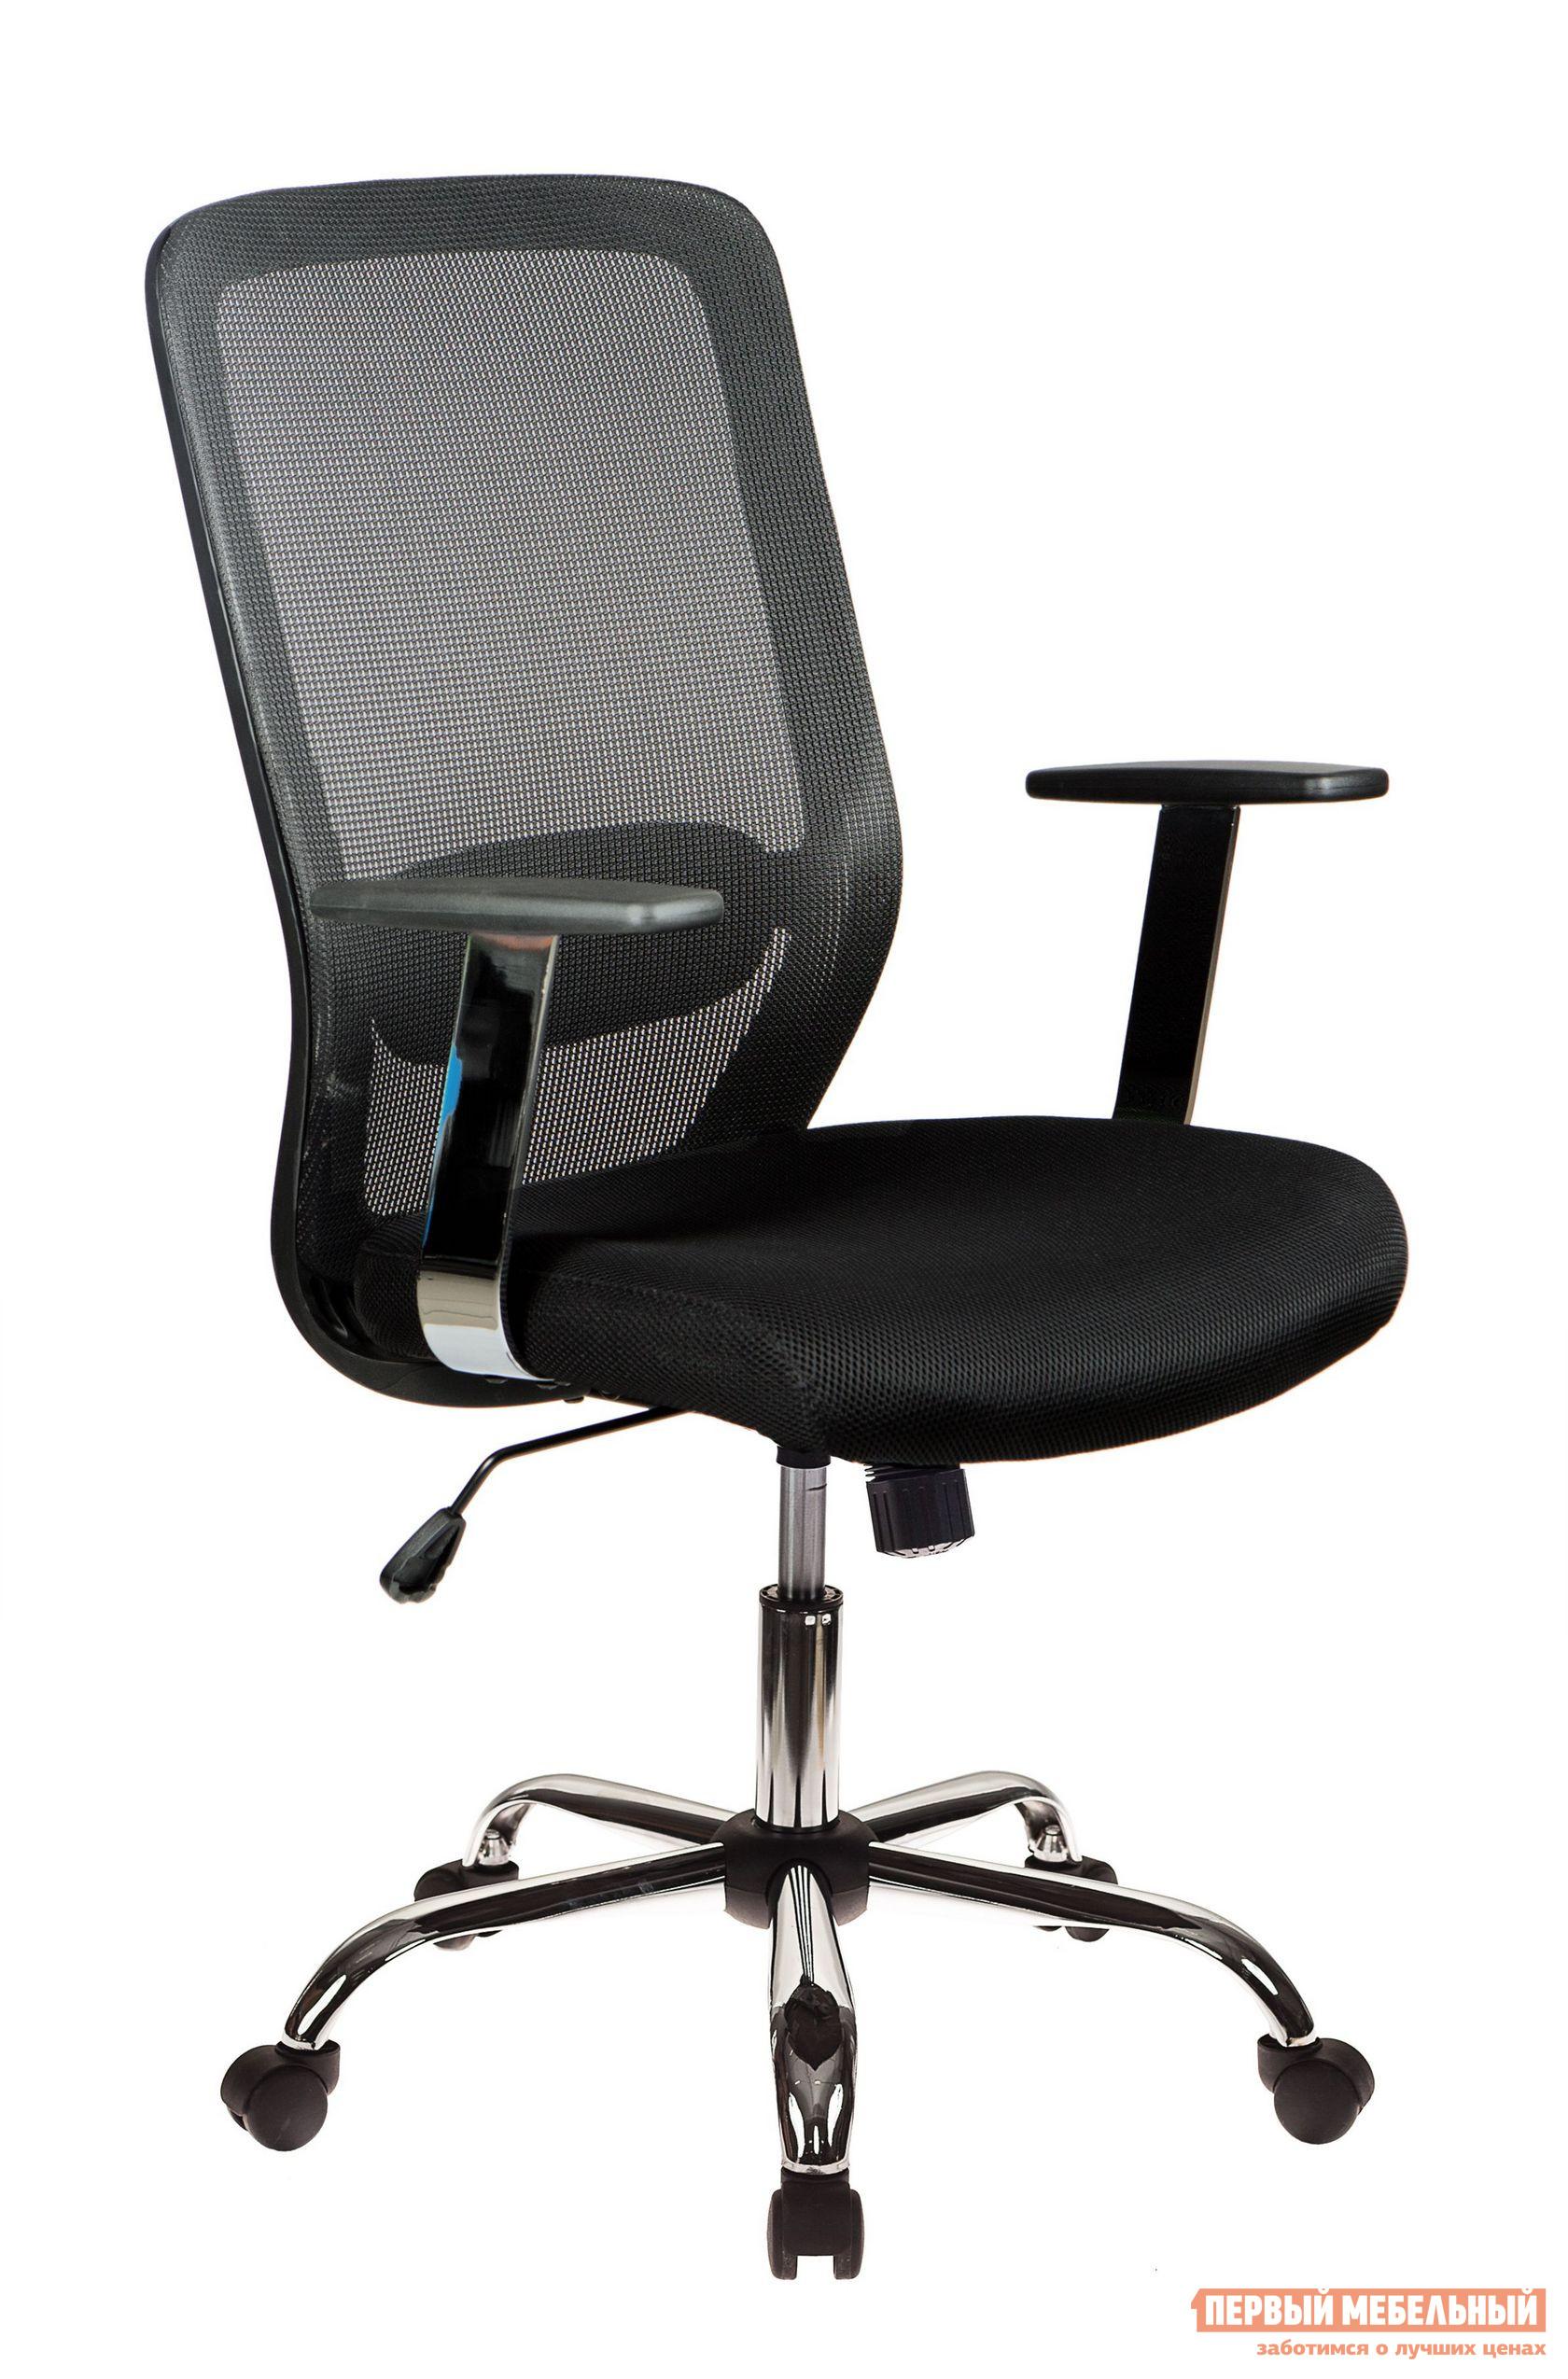 Офисное кресло Бюрократ CH-899SL/B кресло компьютерное бюрократ бюрократ ch 899sl tw 11 черный хром